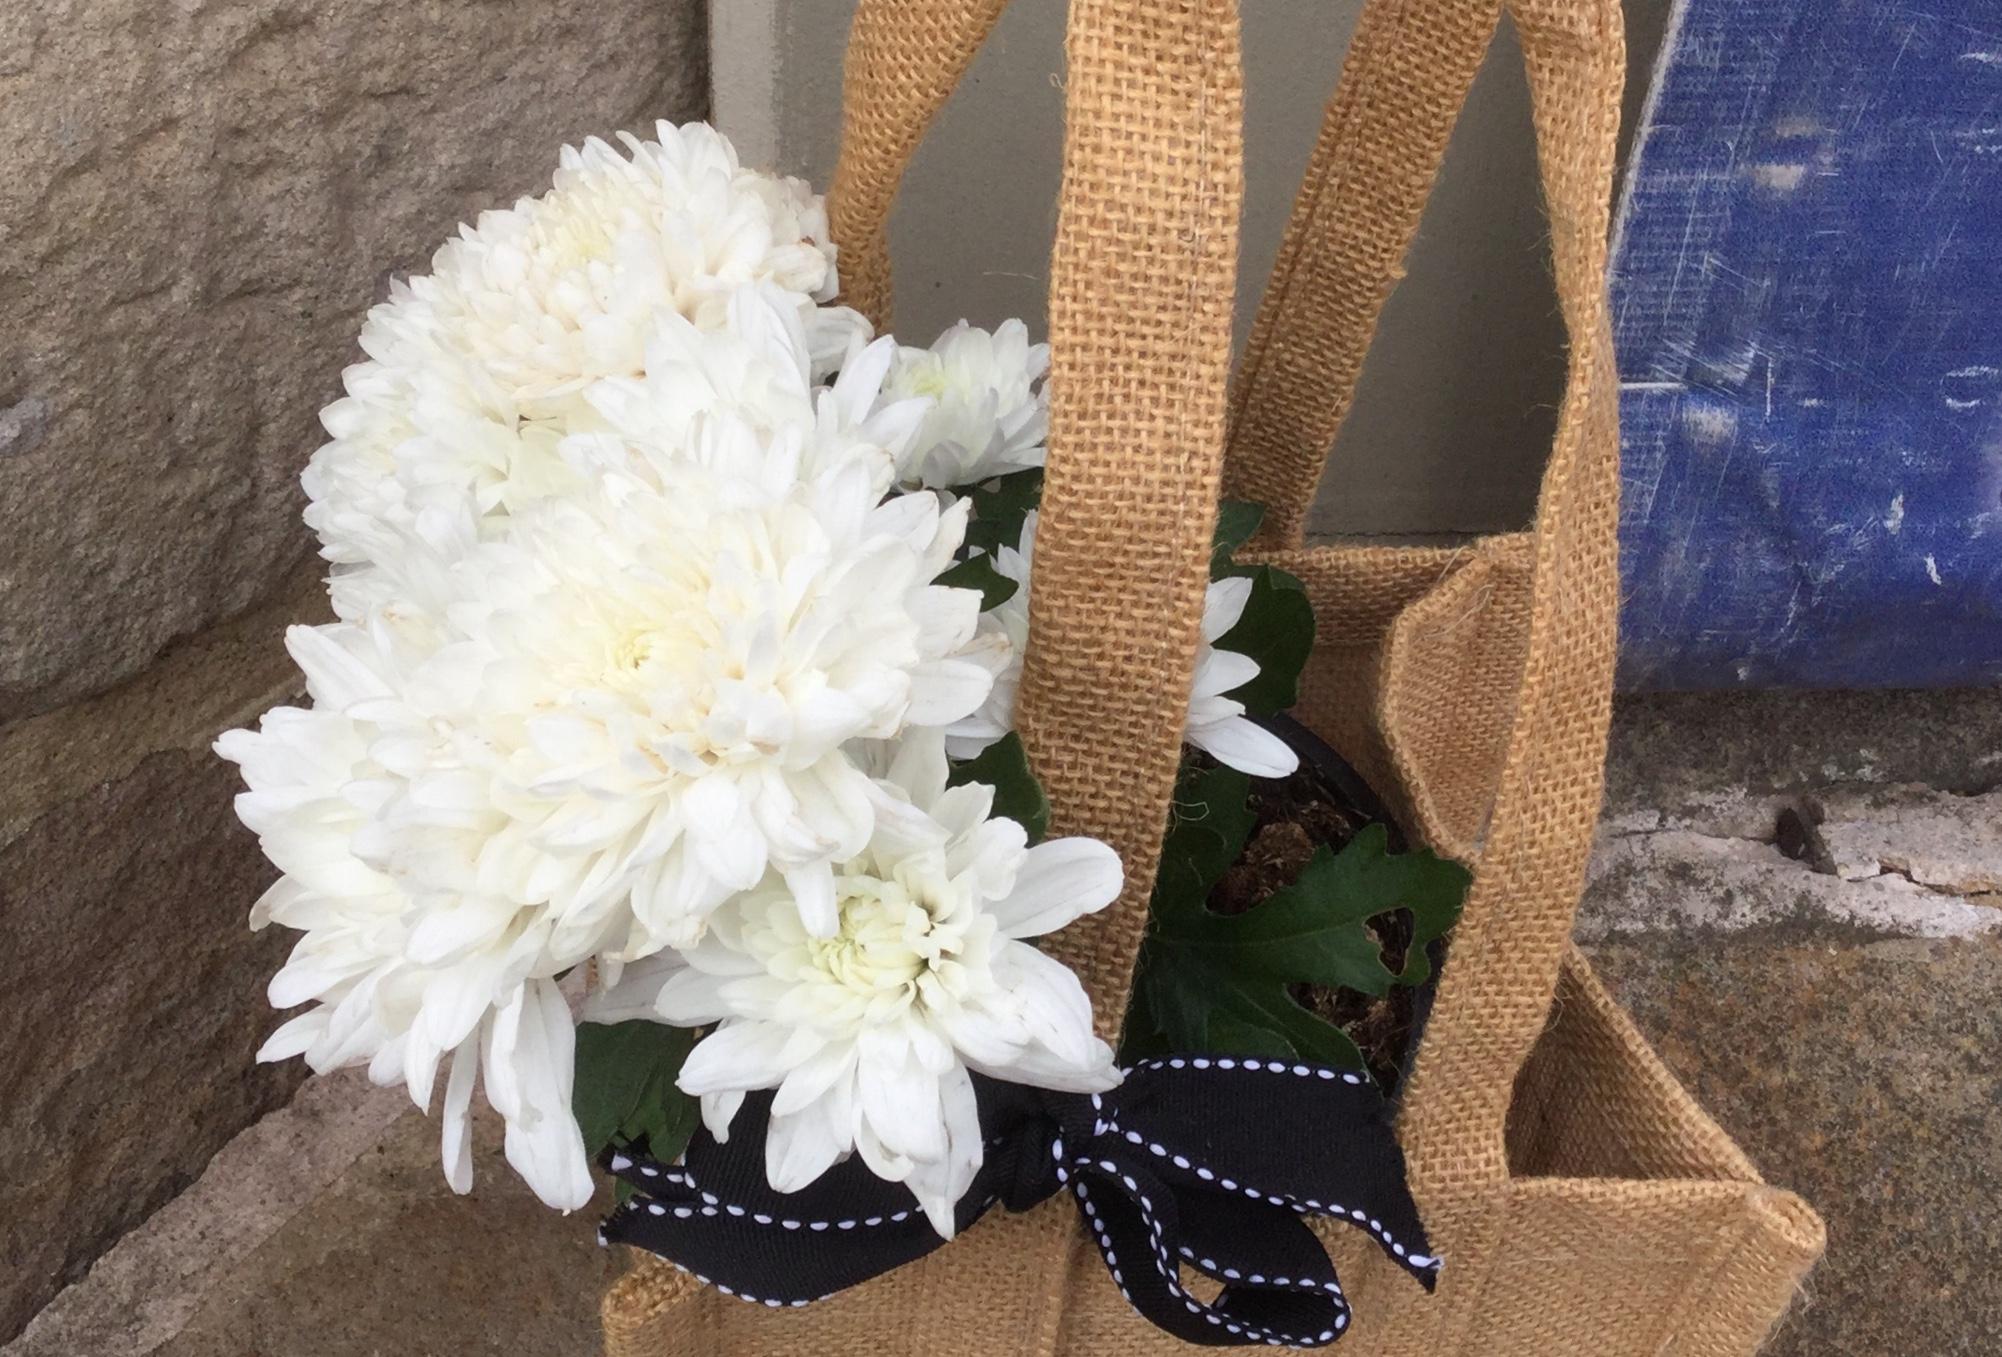 母の日には白い菊の花を